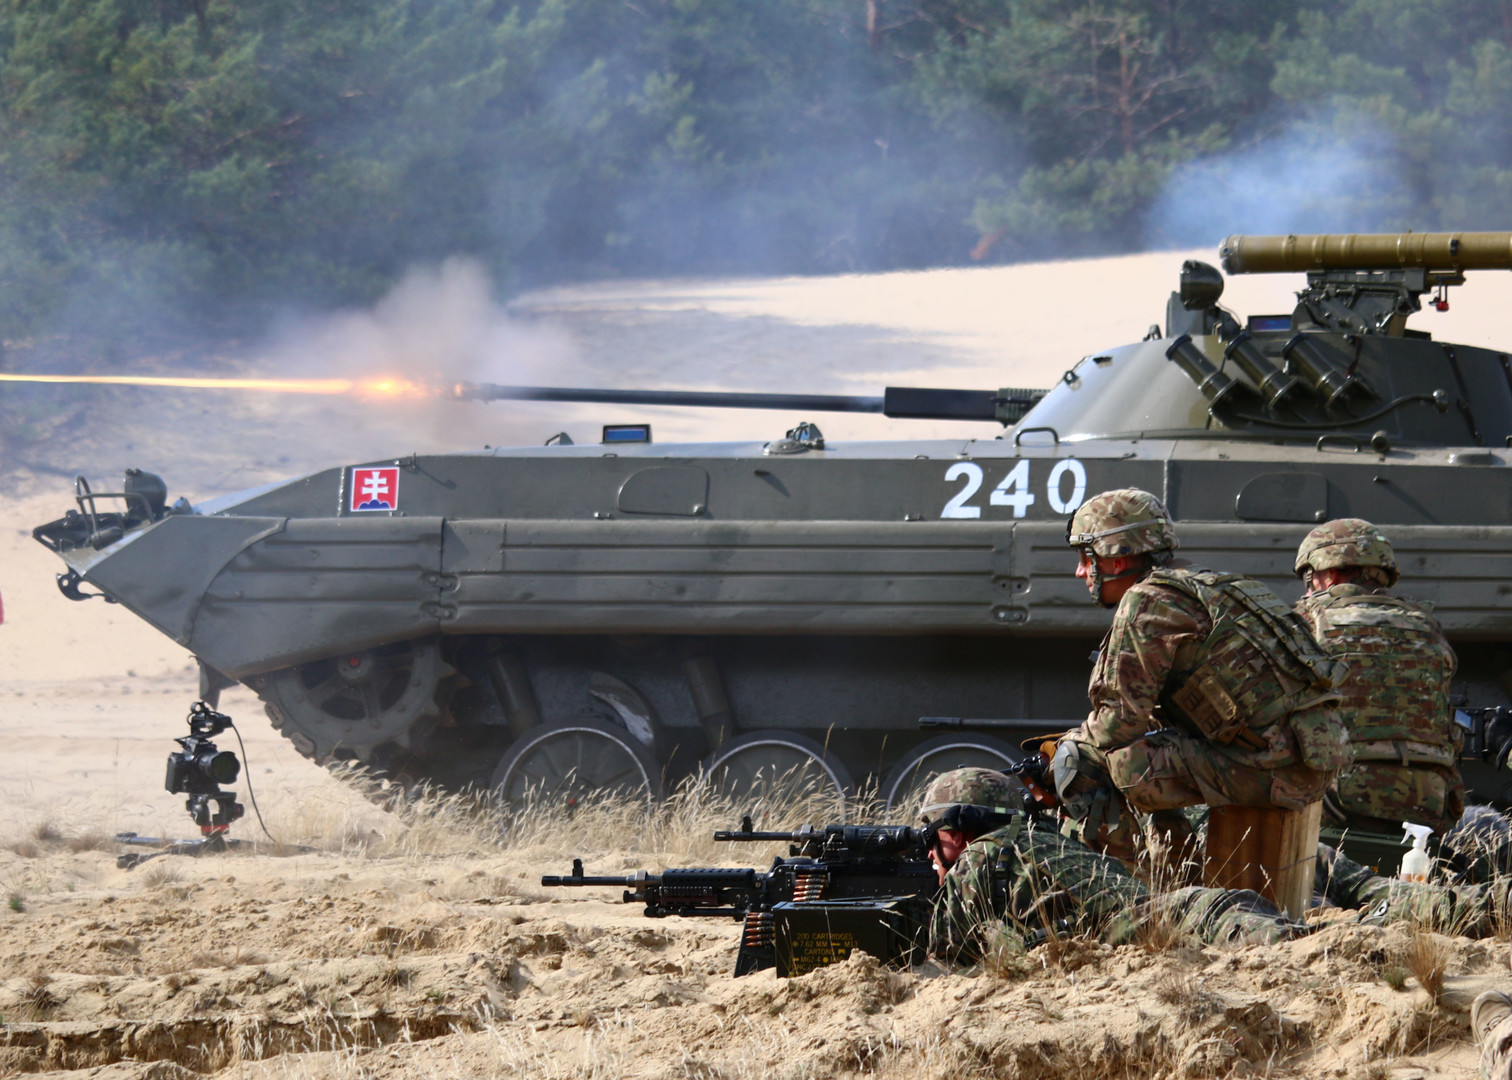 Gemeinsame Militärübung der slowakischen und US-amerikanischen Streitkräften in der Nähe von Bratislava